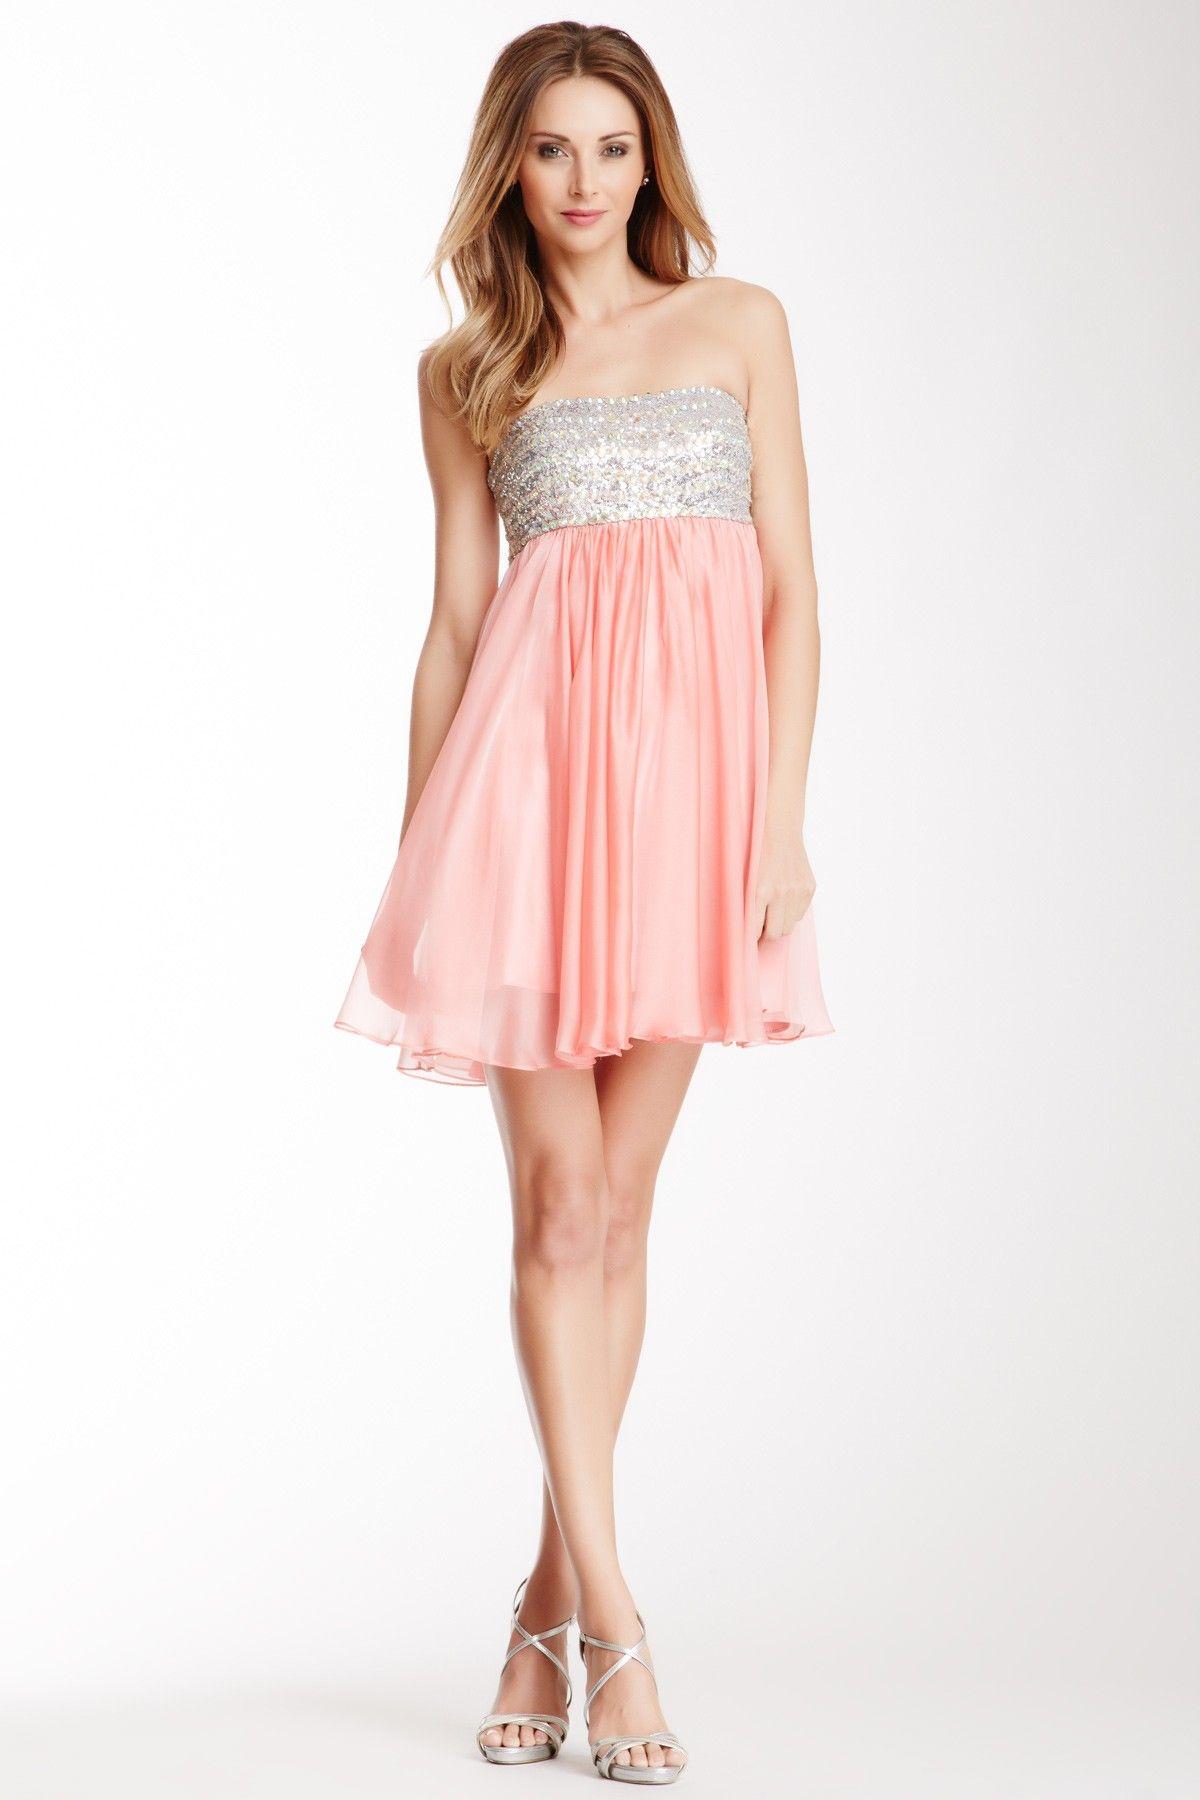 La Femme | My Style | Pinterest | Ropa bonita, Vestidos de fiesta y ...